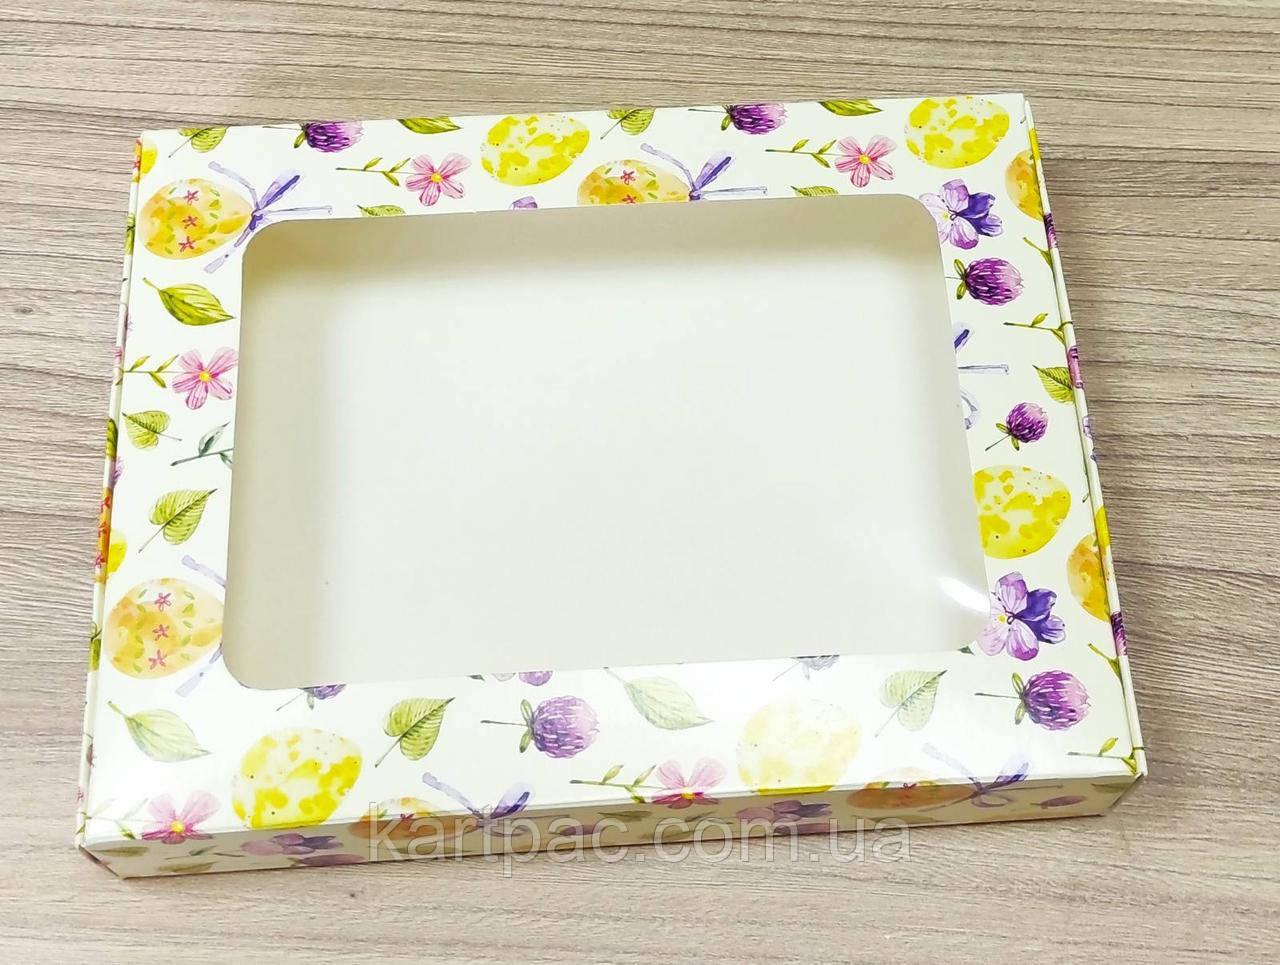 Картонная упаковка для пасхальных пряников 200*150*35